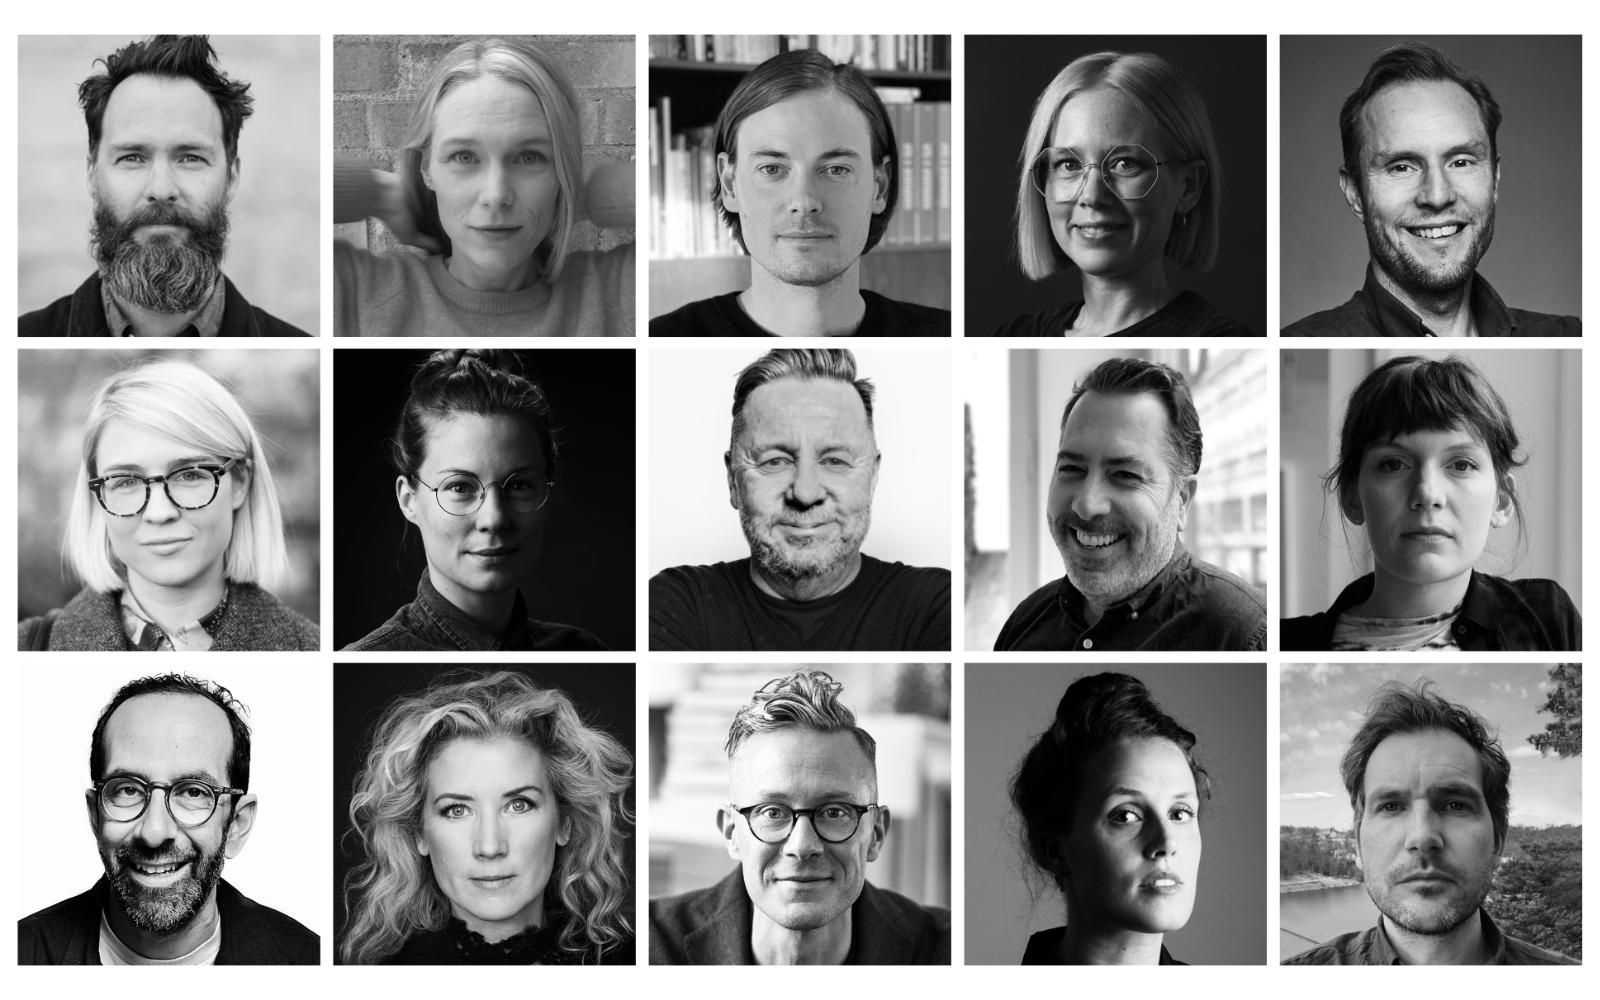 Alla kategoriordföranden i juryn för Guldägget 2021. Foto: Pressbild.